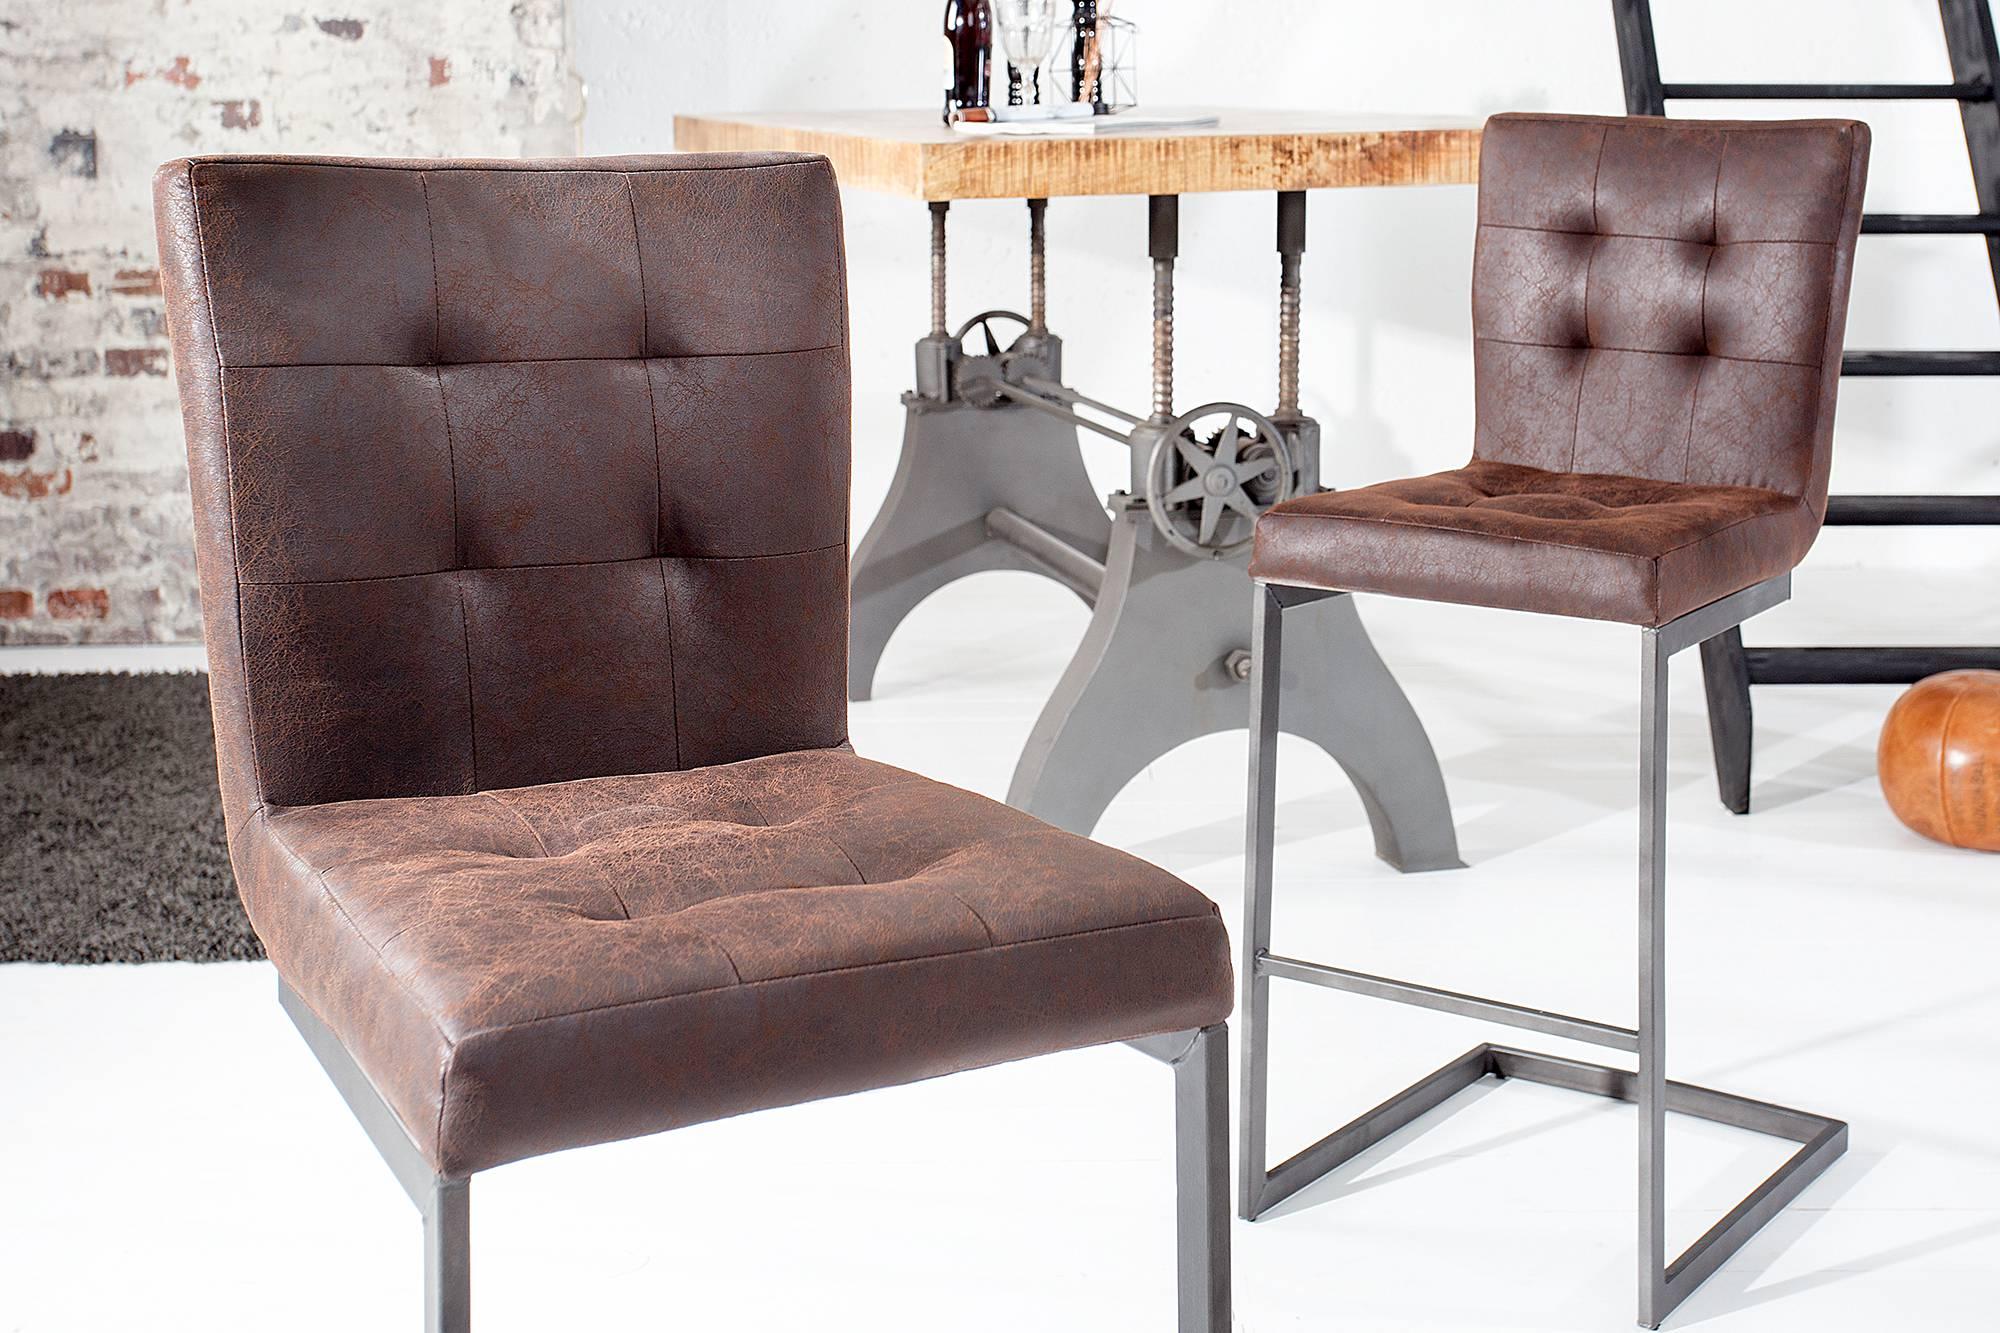 Stolička svojim dizajnom upúta nielen vašu pozornosť, ale presvedčí vysokou kvalitou a výnimočným dizajnom. Stolička sa svojim kvalitným oceľovým rámom a štýlovým šitím sedadla stáva skutočnou návrhárskou klasikou. Táto stolička sa hodí do každej domácnosti, nadčasový dizajn vás nesklame.